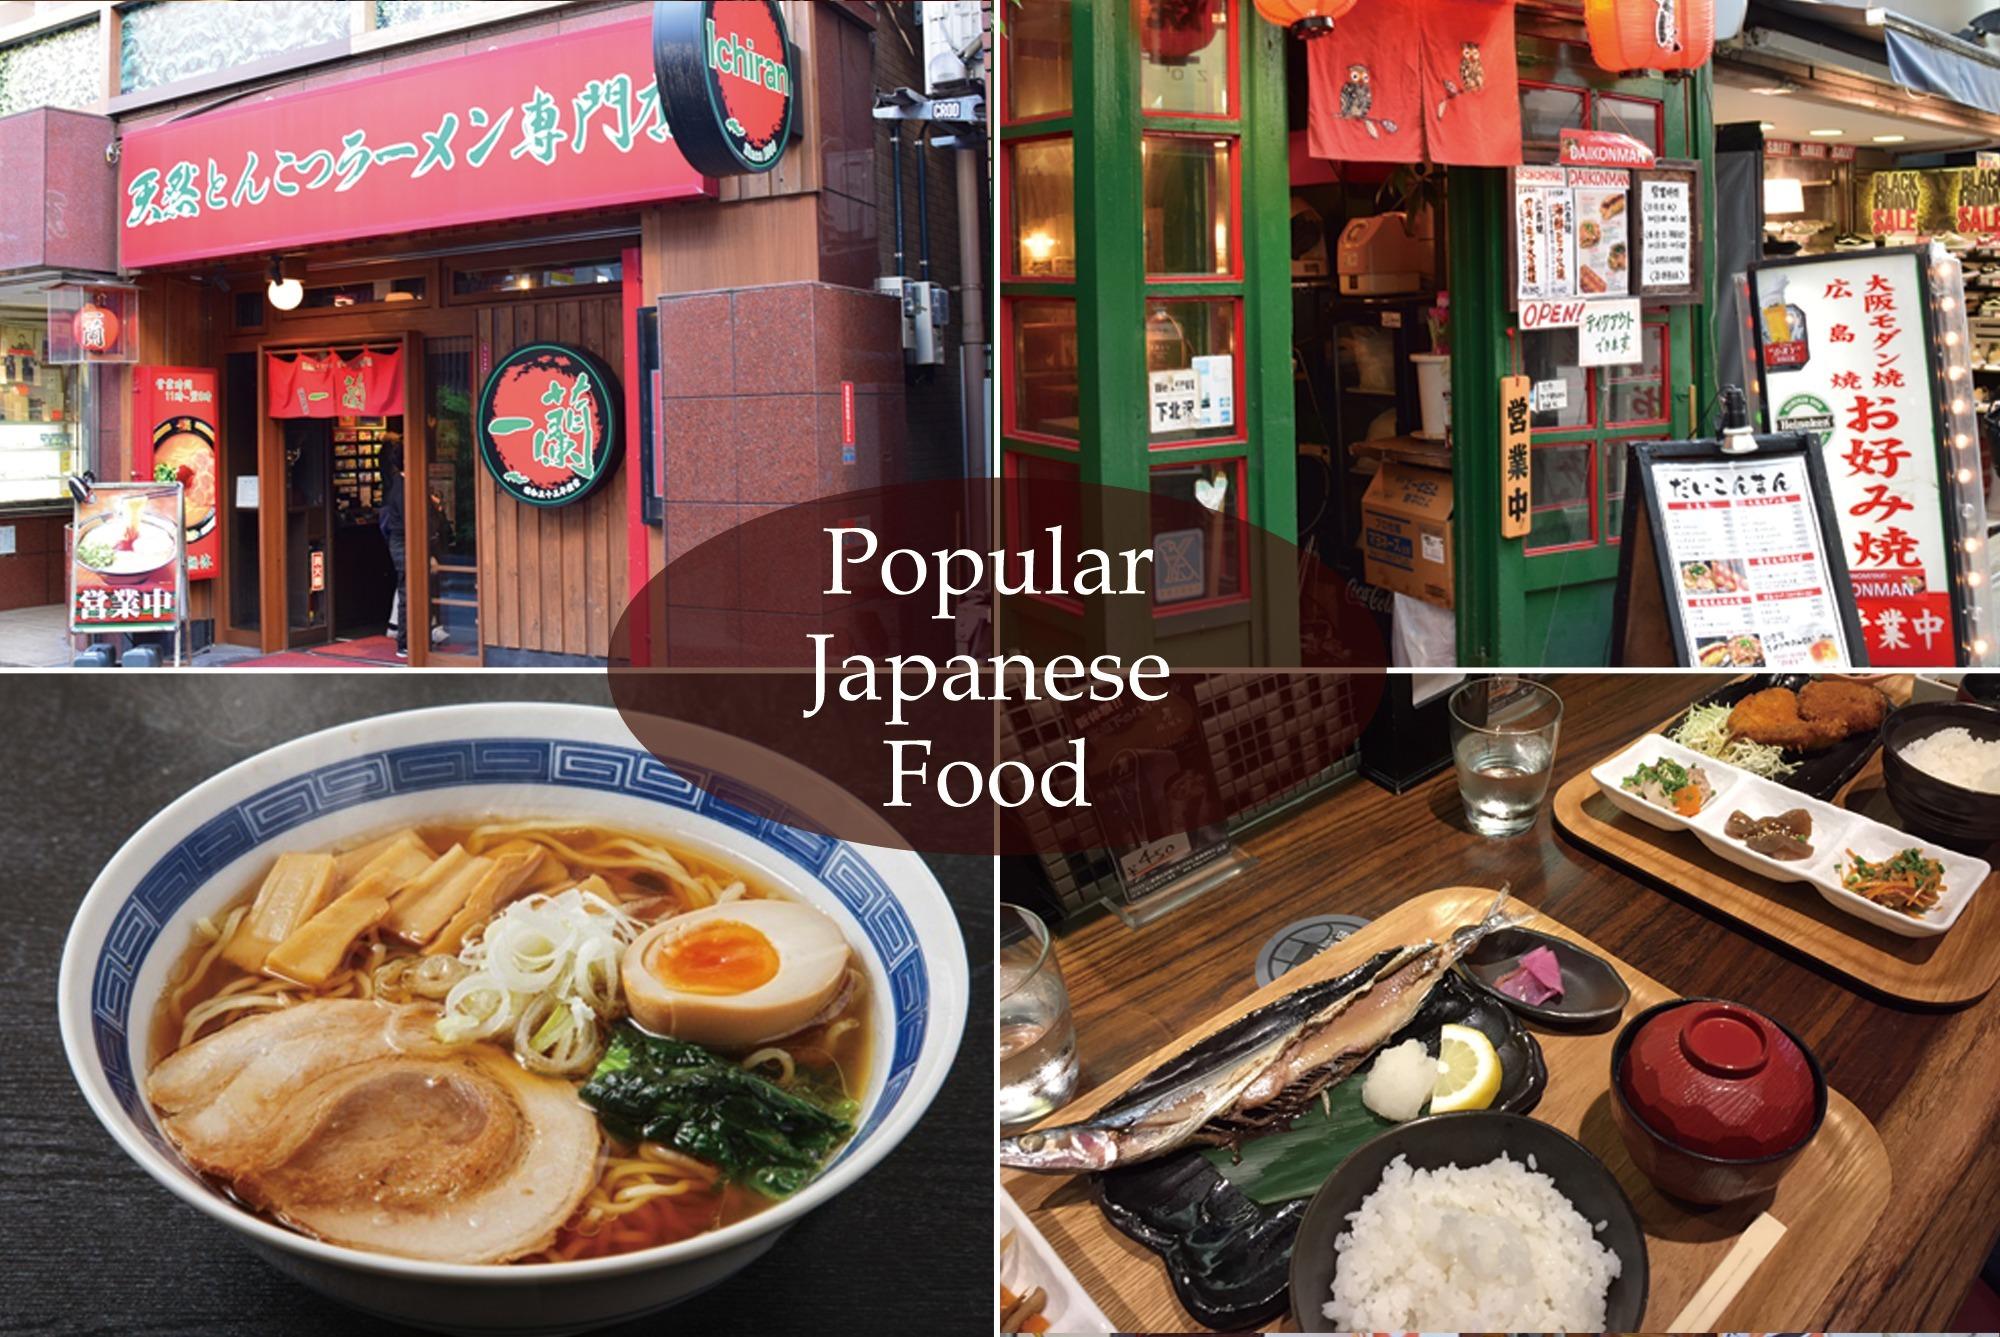 Many popular ramen restaurants, Okonomiyaki restaurants, and Japanese restaurants.